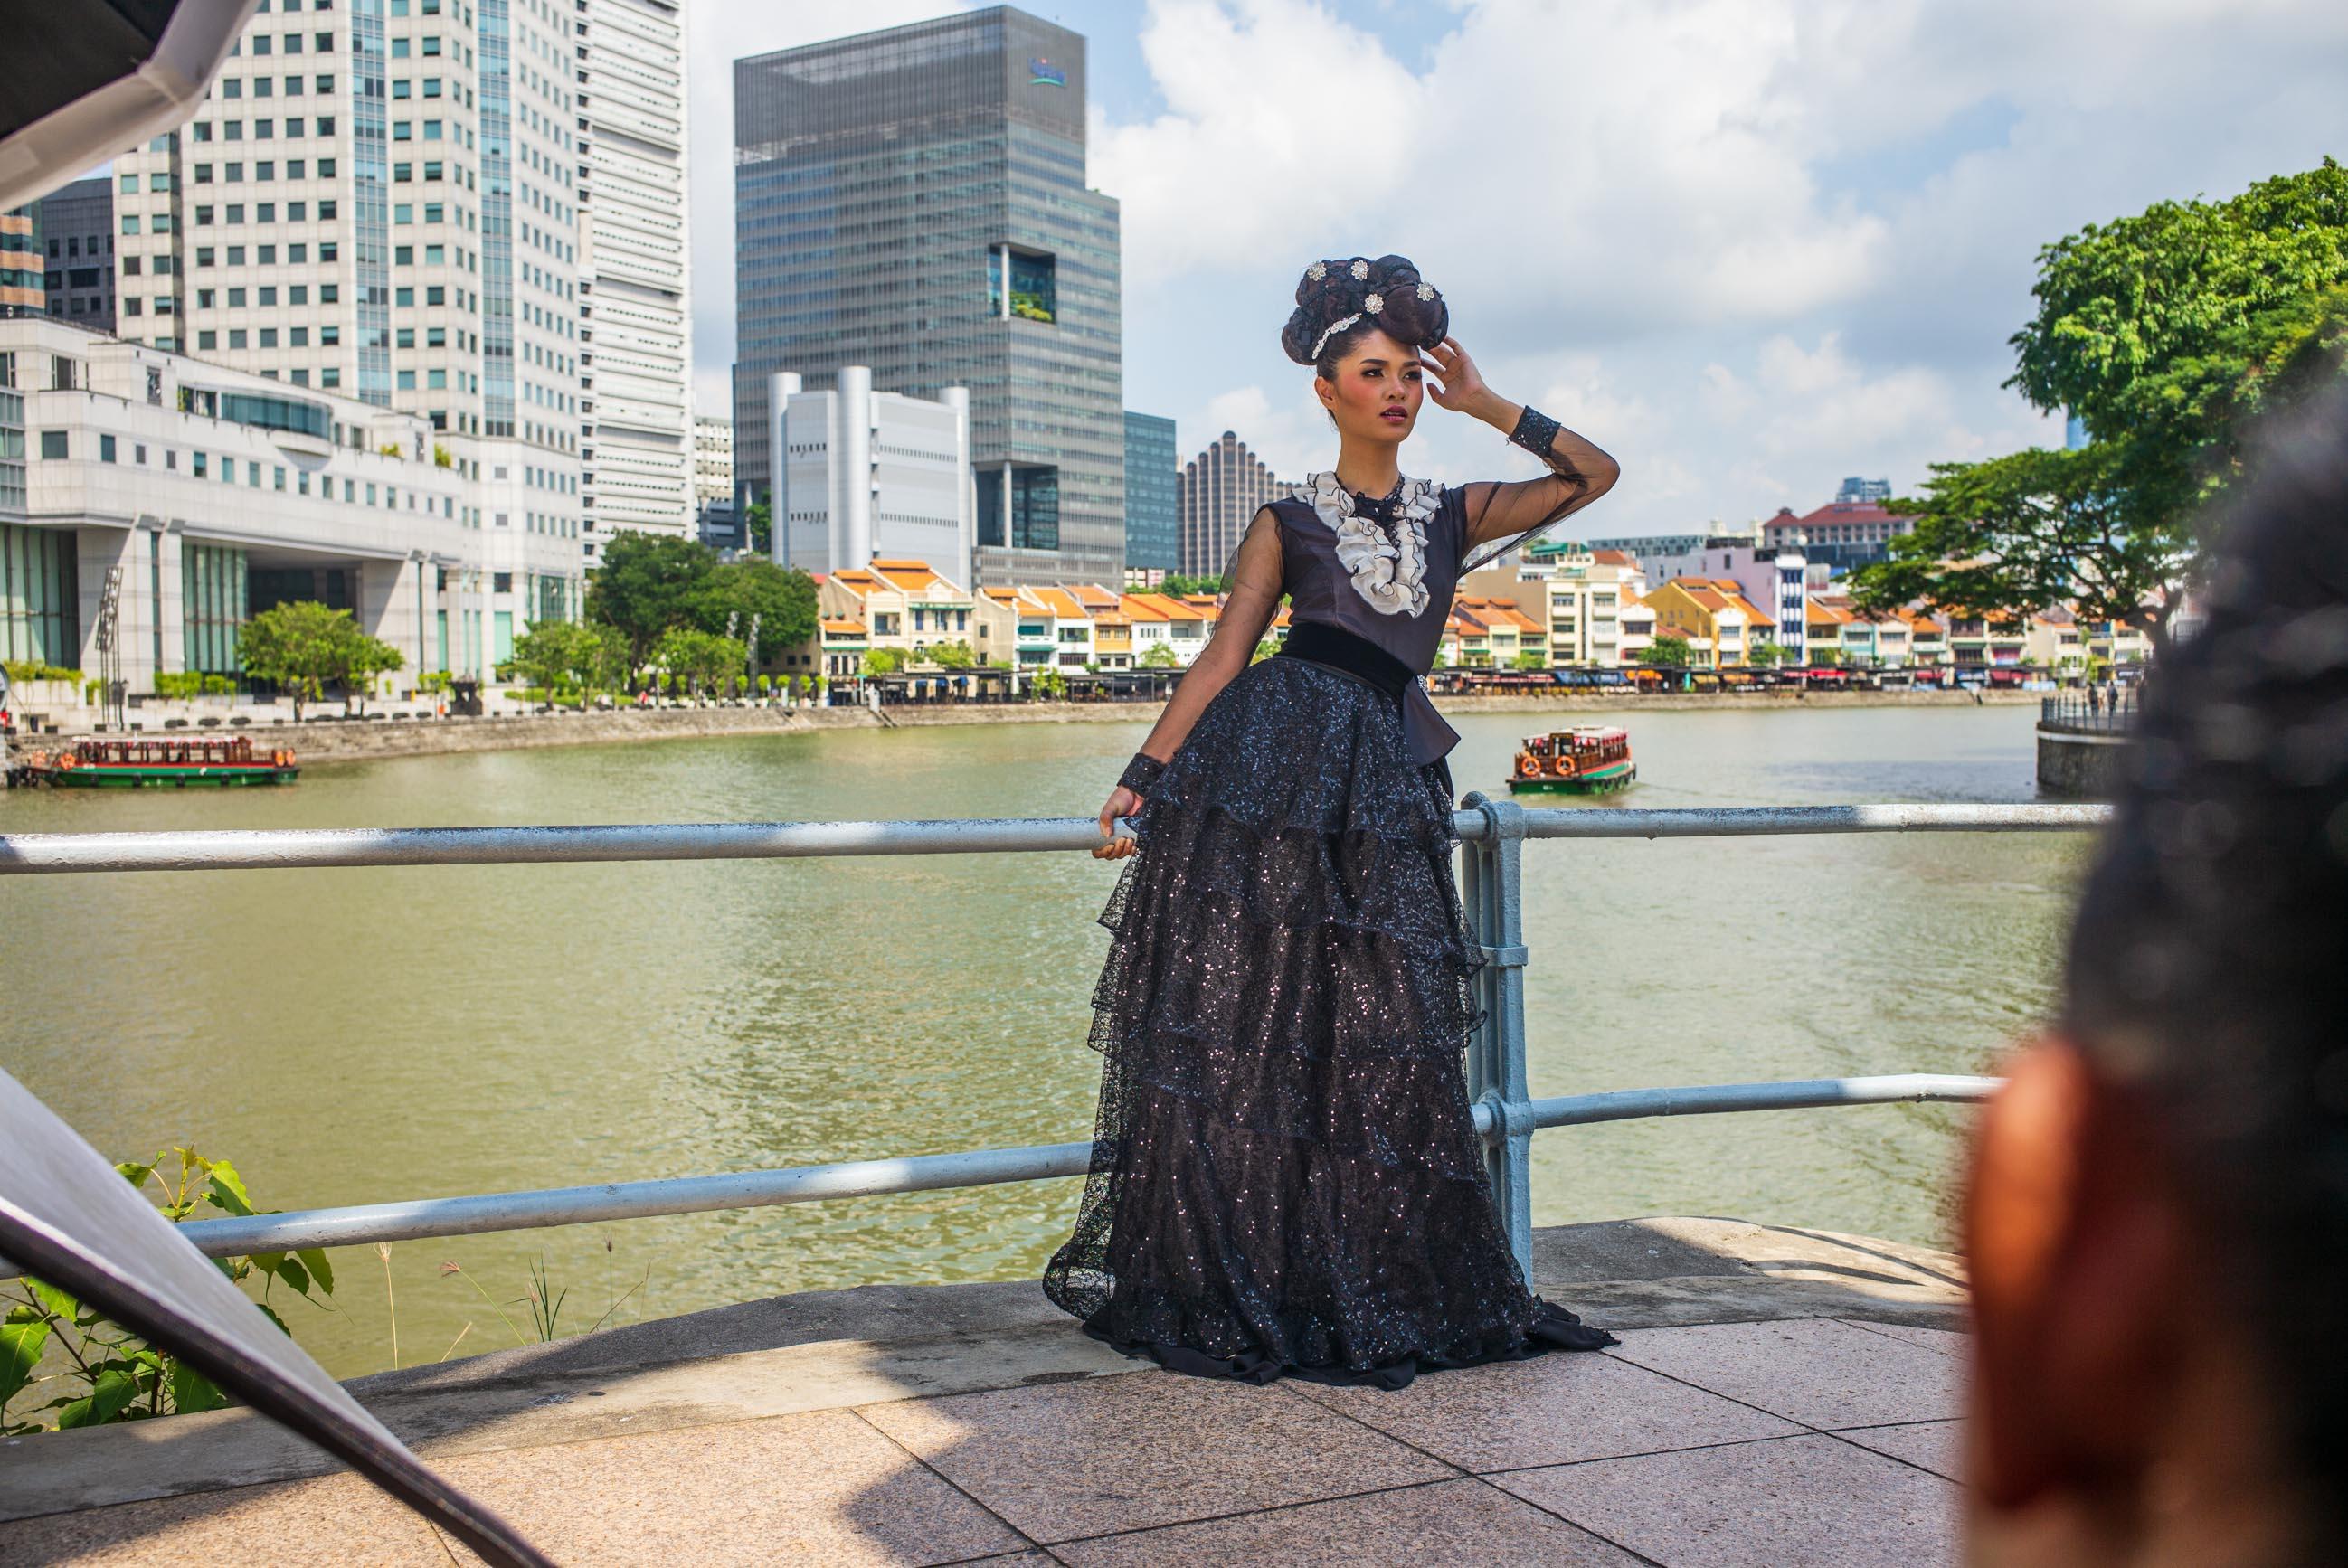 https://bubo.sk/uploads/galleries/5061/lubosfellner_singapur-5-.jpg